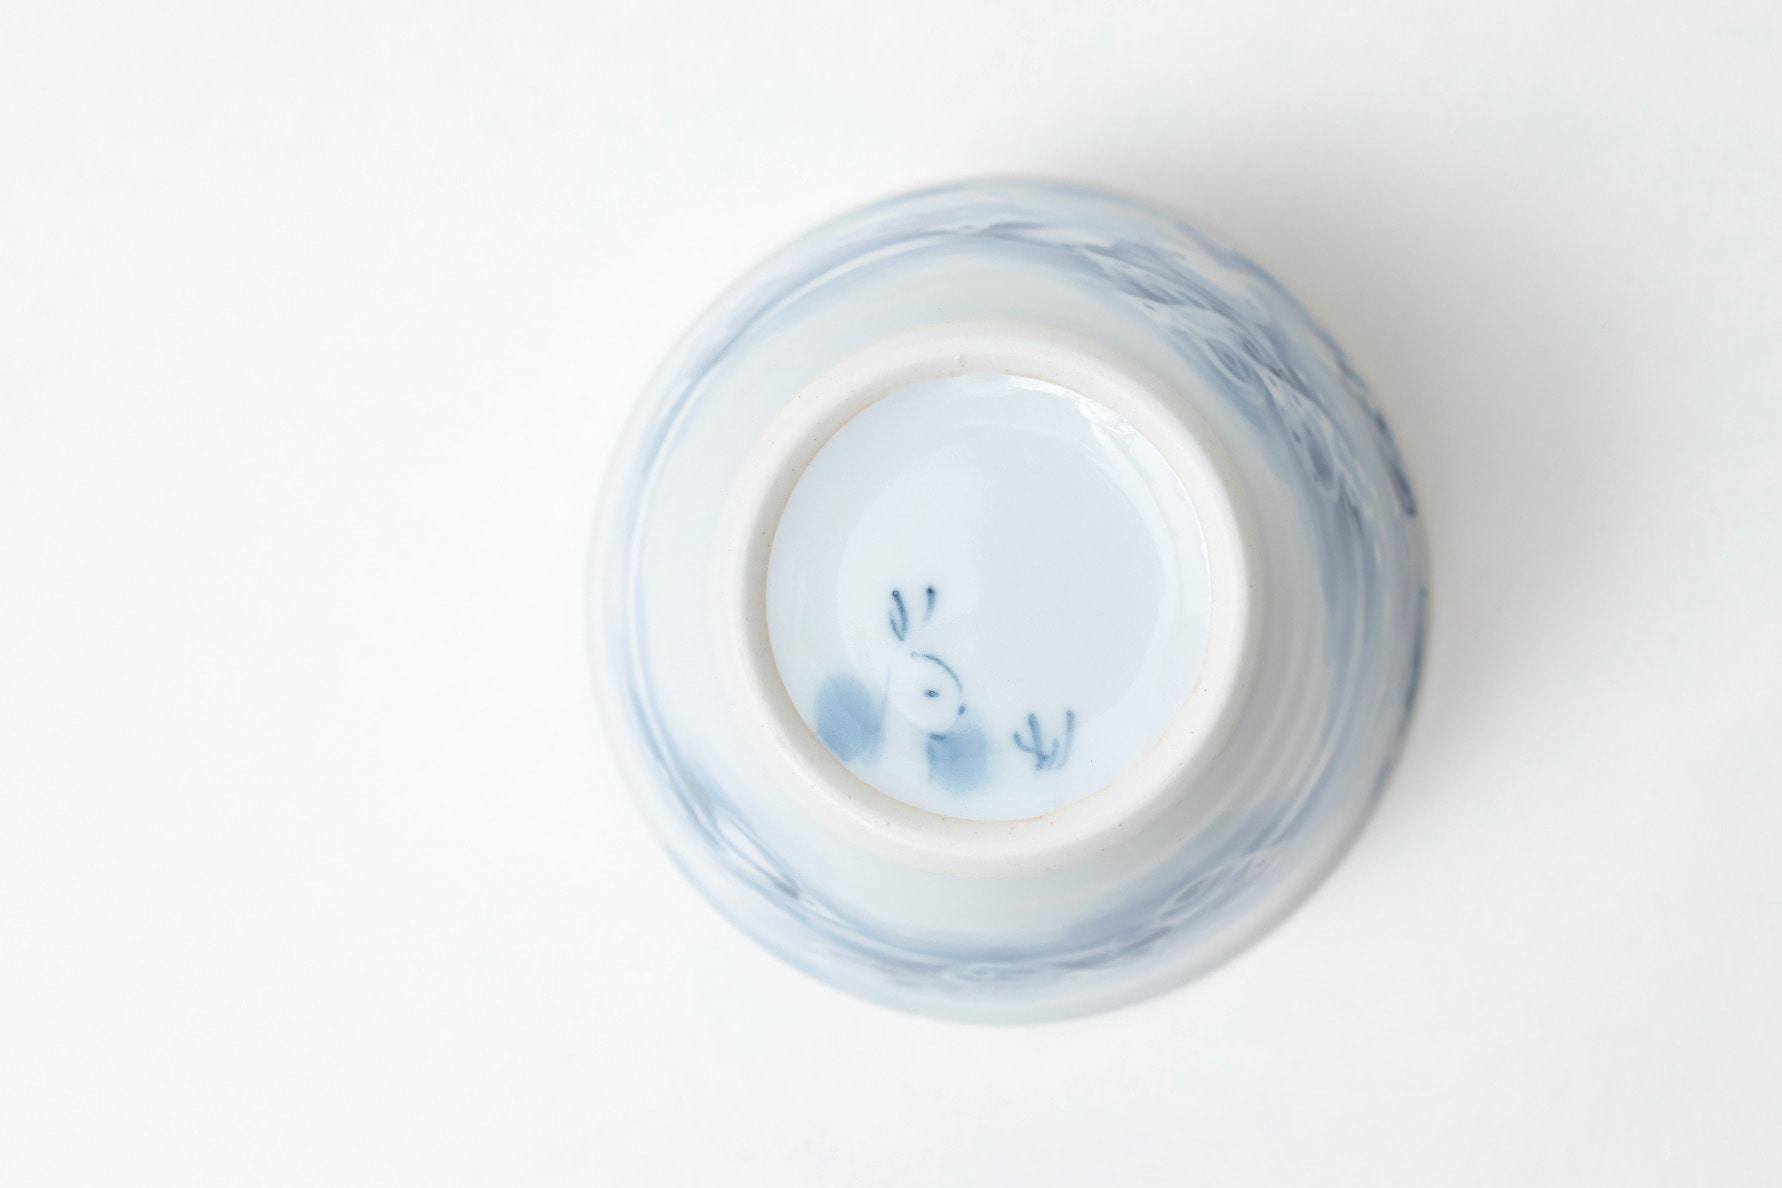 黒羽陶工房フリーカップには裏にも吉祥柄のウサギが描かれている